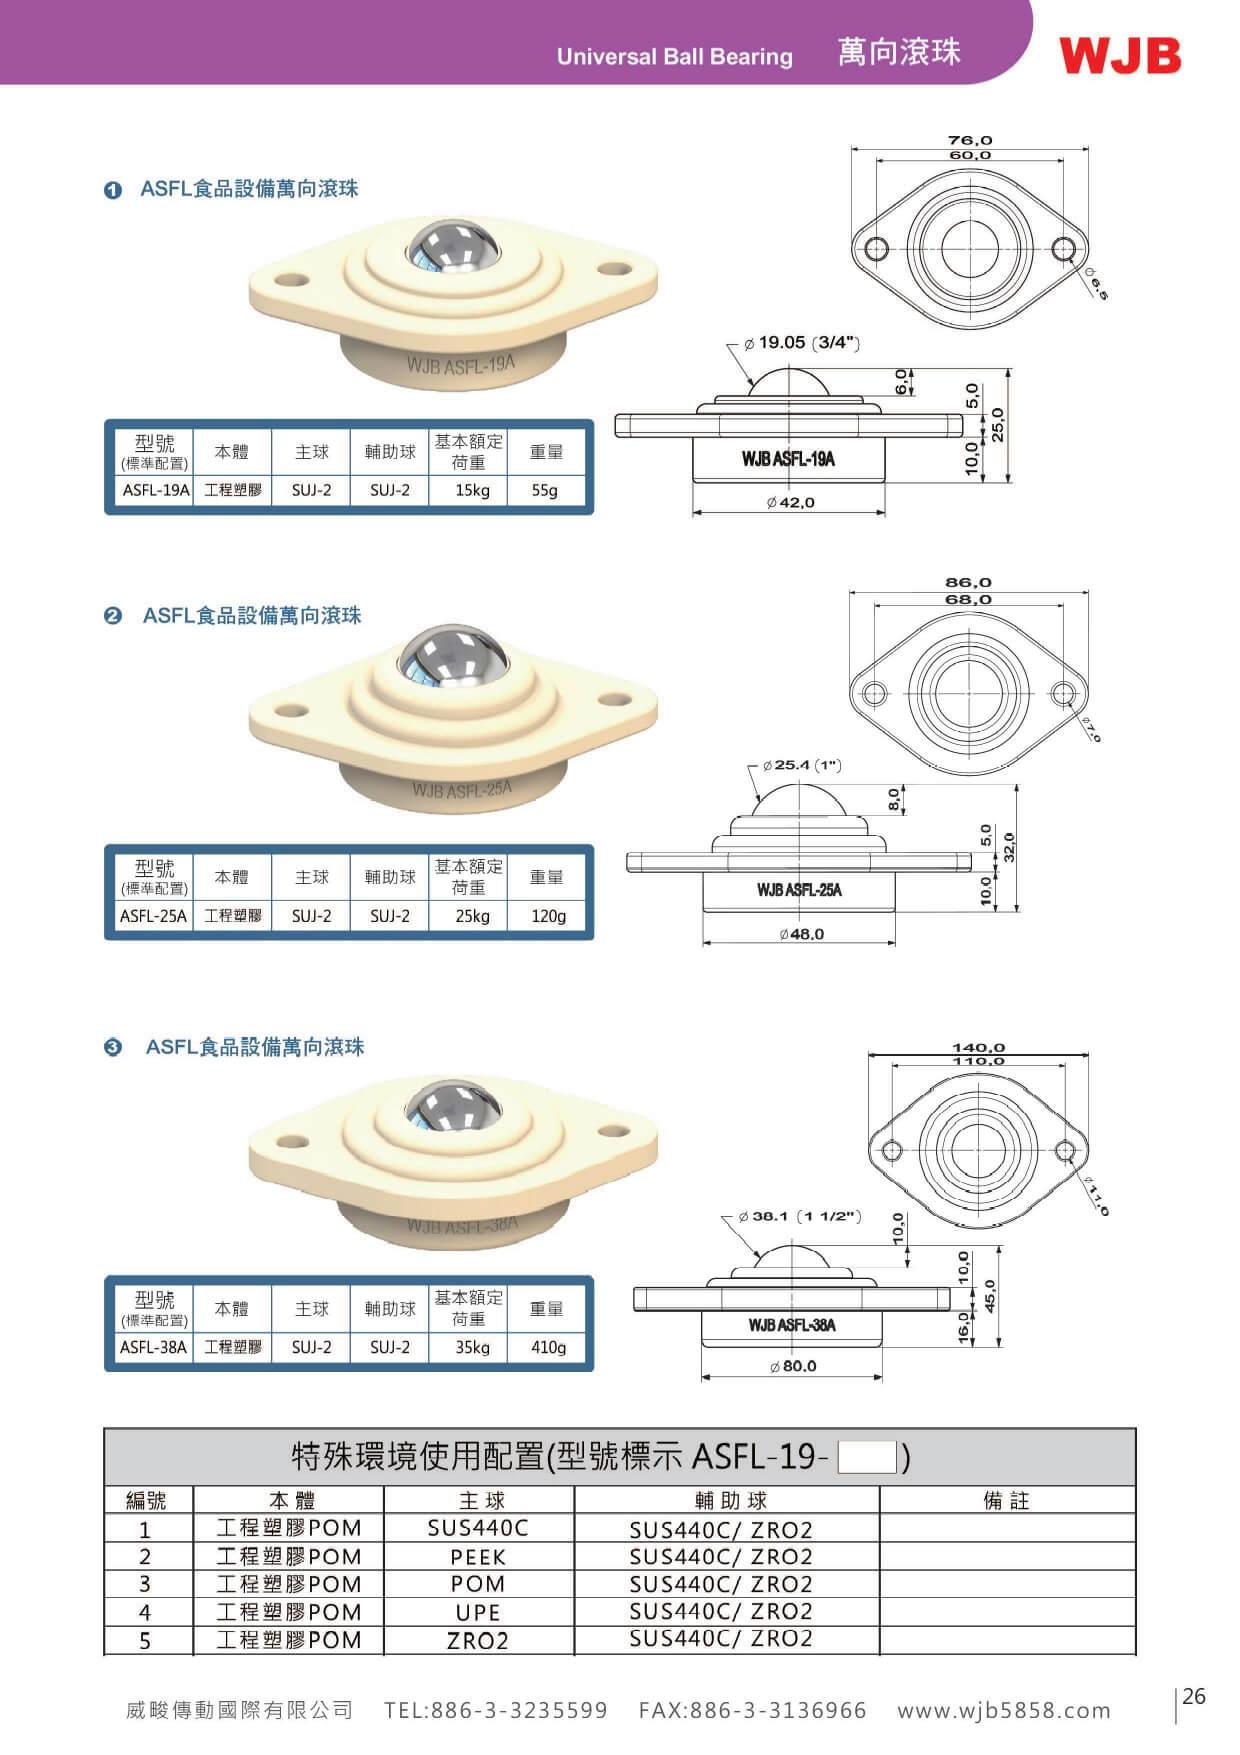 proimages/pro/universal_ball_bearing/ASFL/ASFL-01.jpg